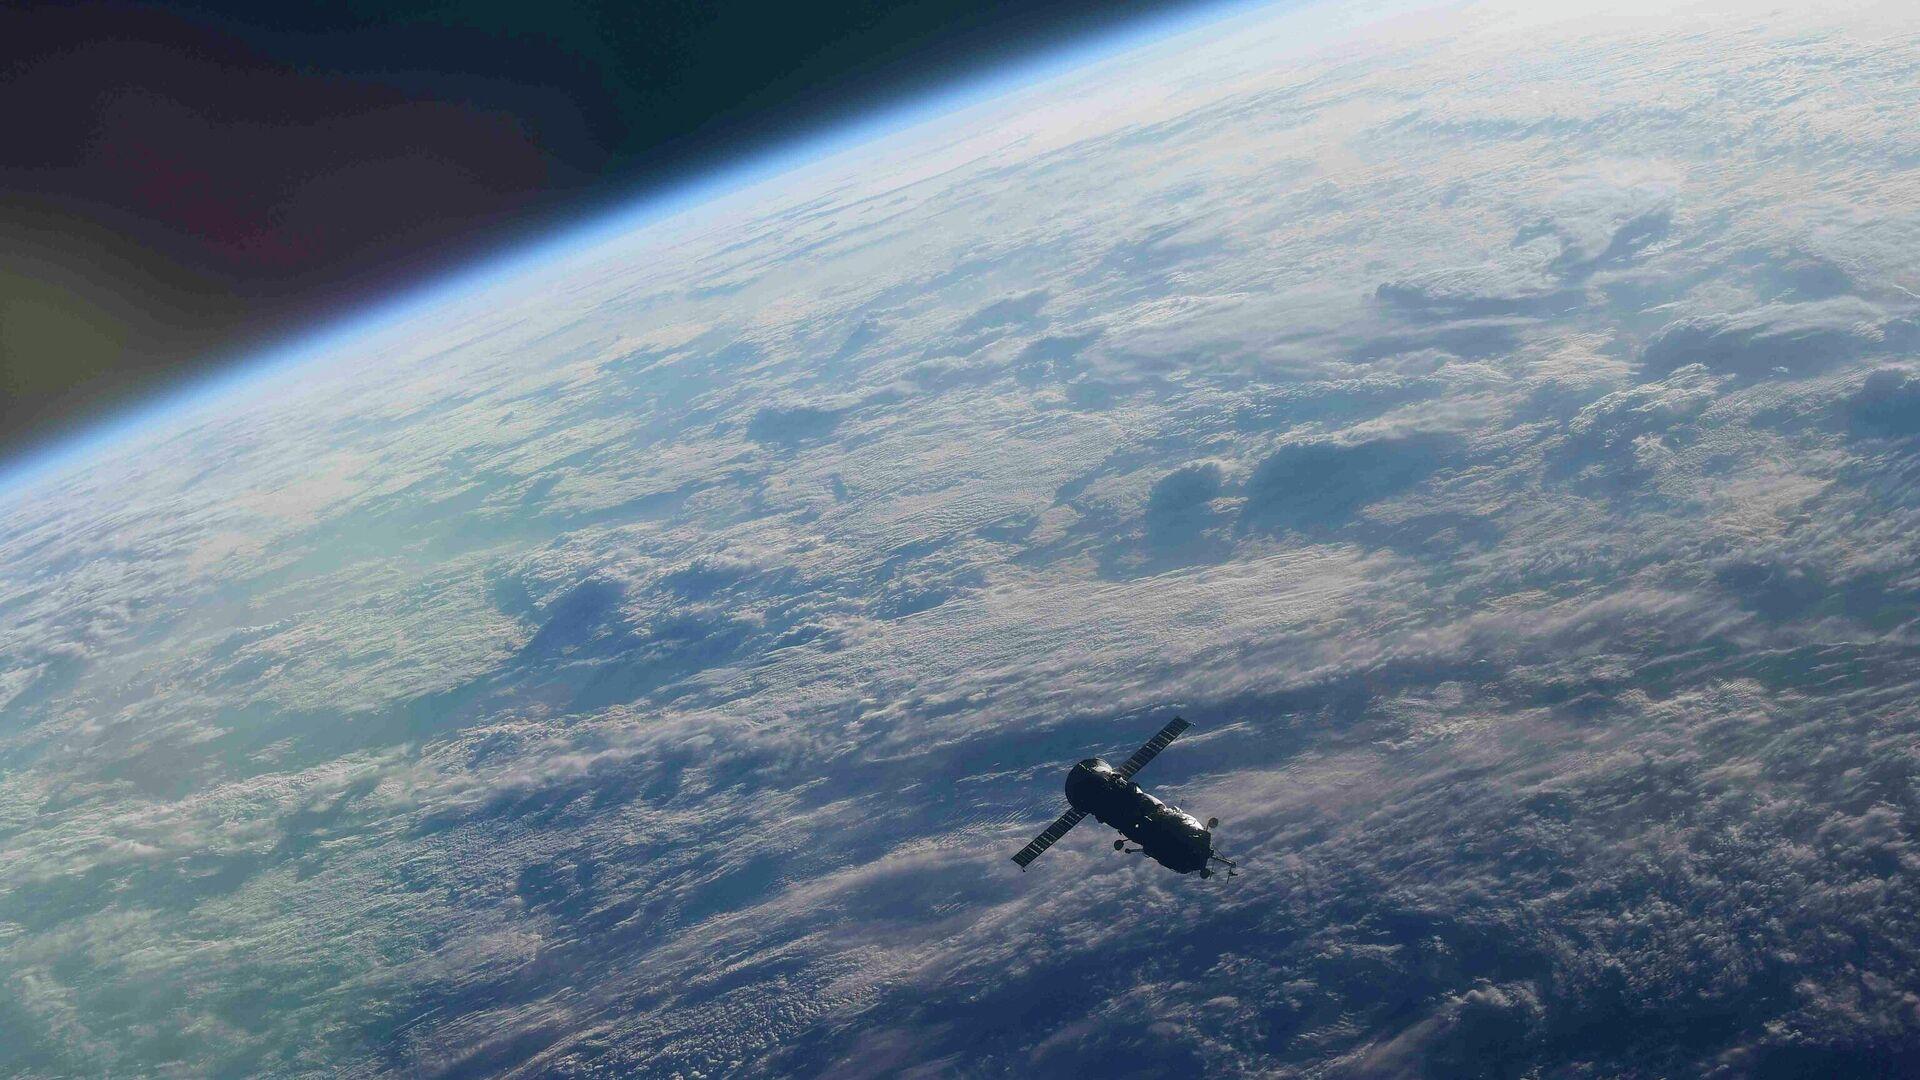 Модуль Пирс после отстыковки от МКС - РИА Новости, 1920, 03.09.2021